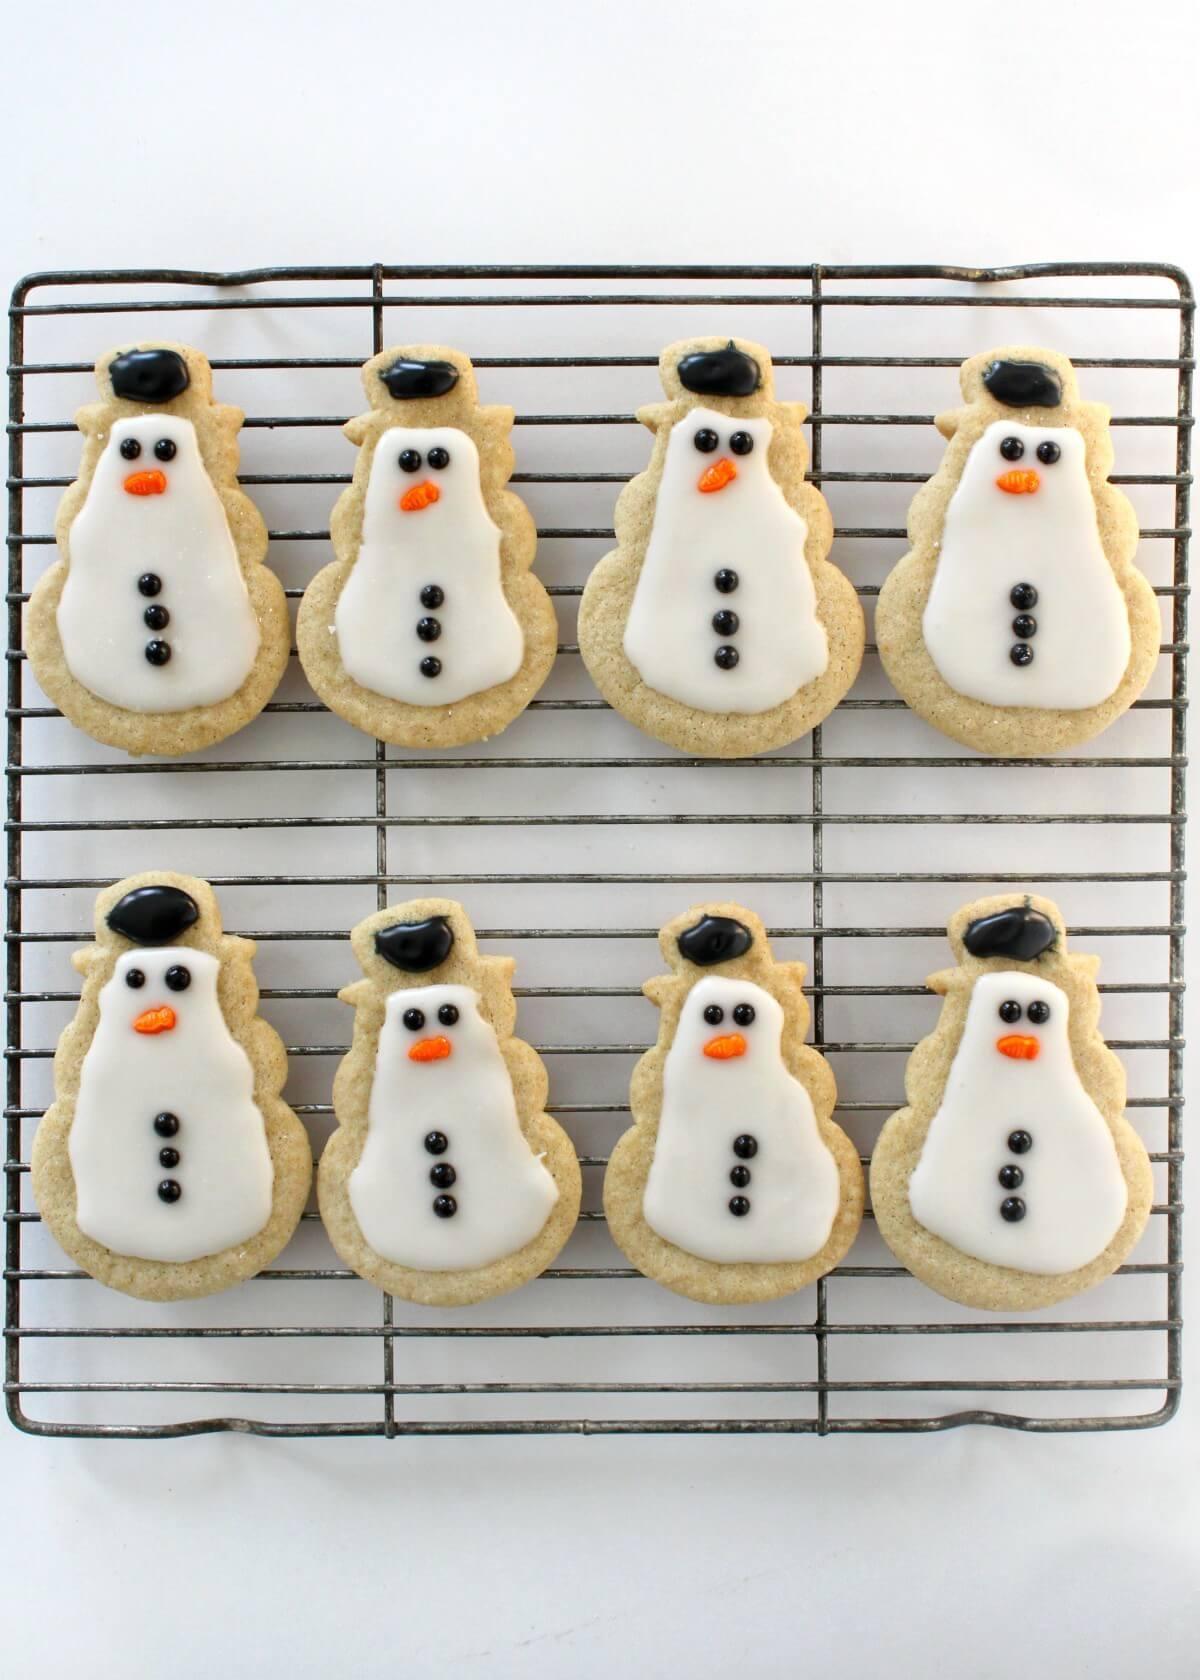 gluten-free snowman sugar cookies on wire rack